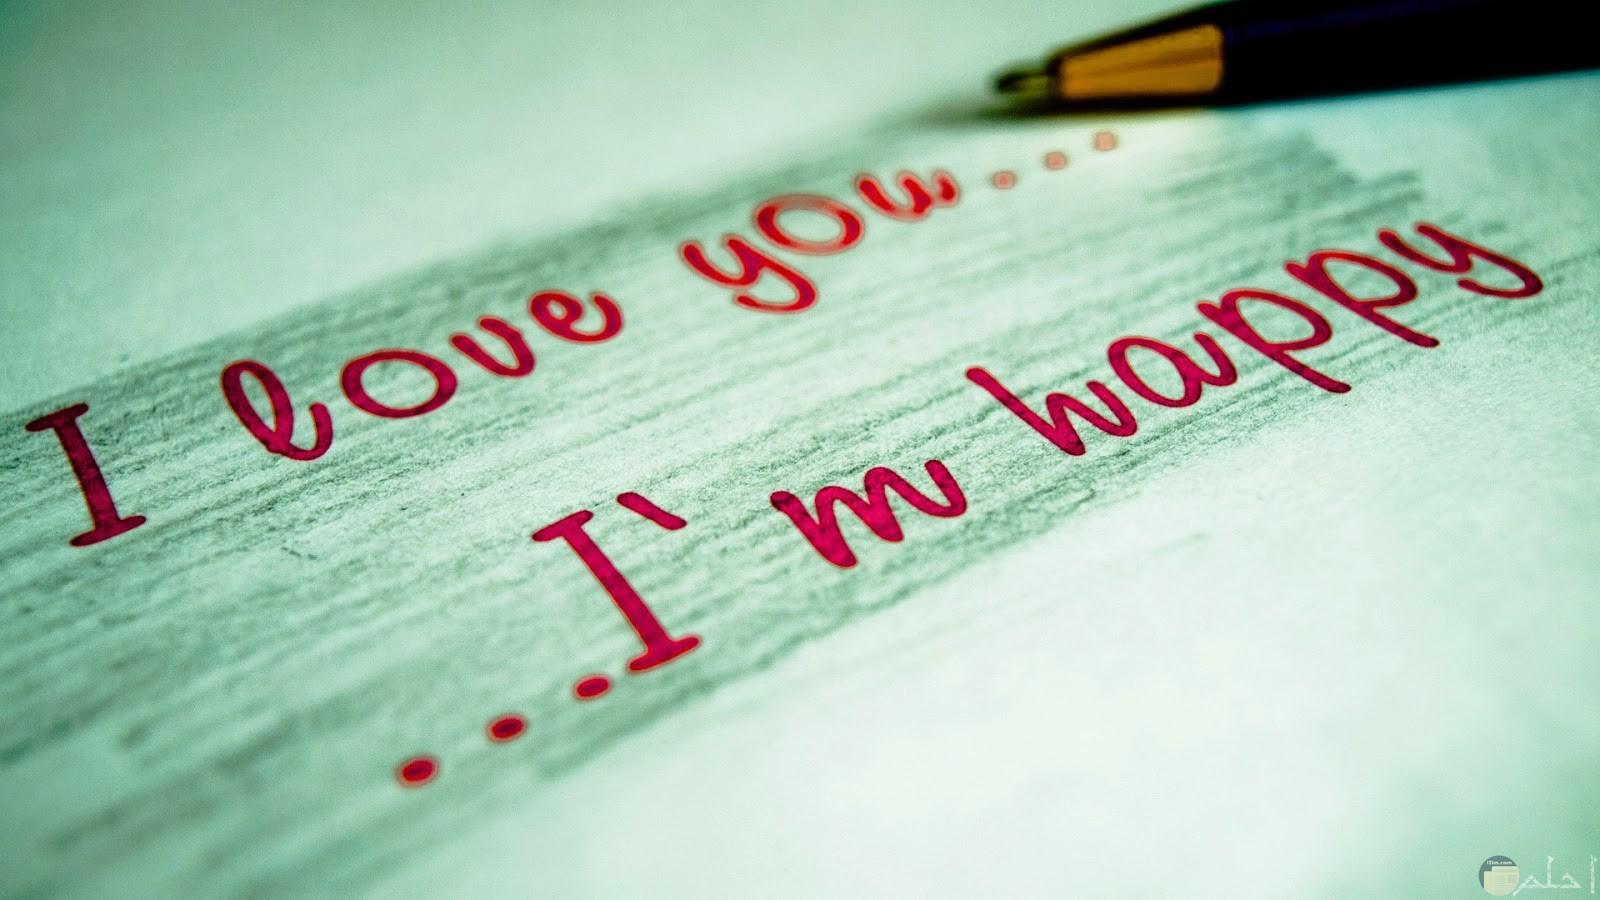 حب يعن سعادة - بالانجليزية.